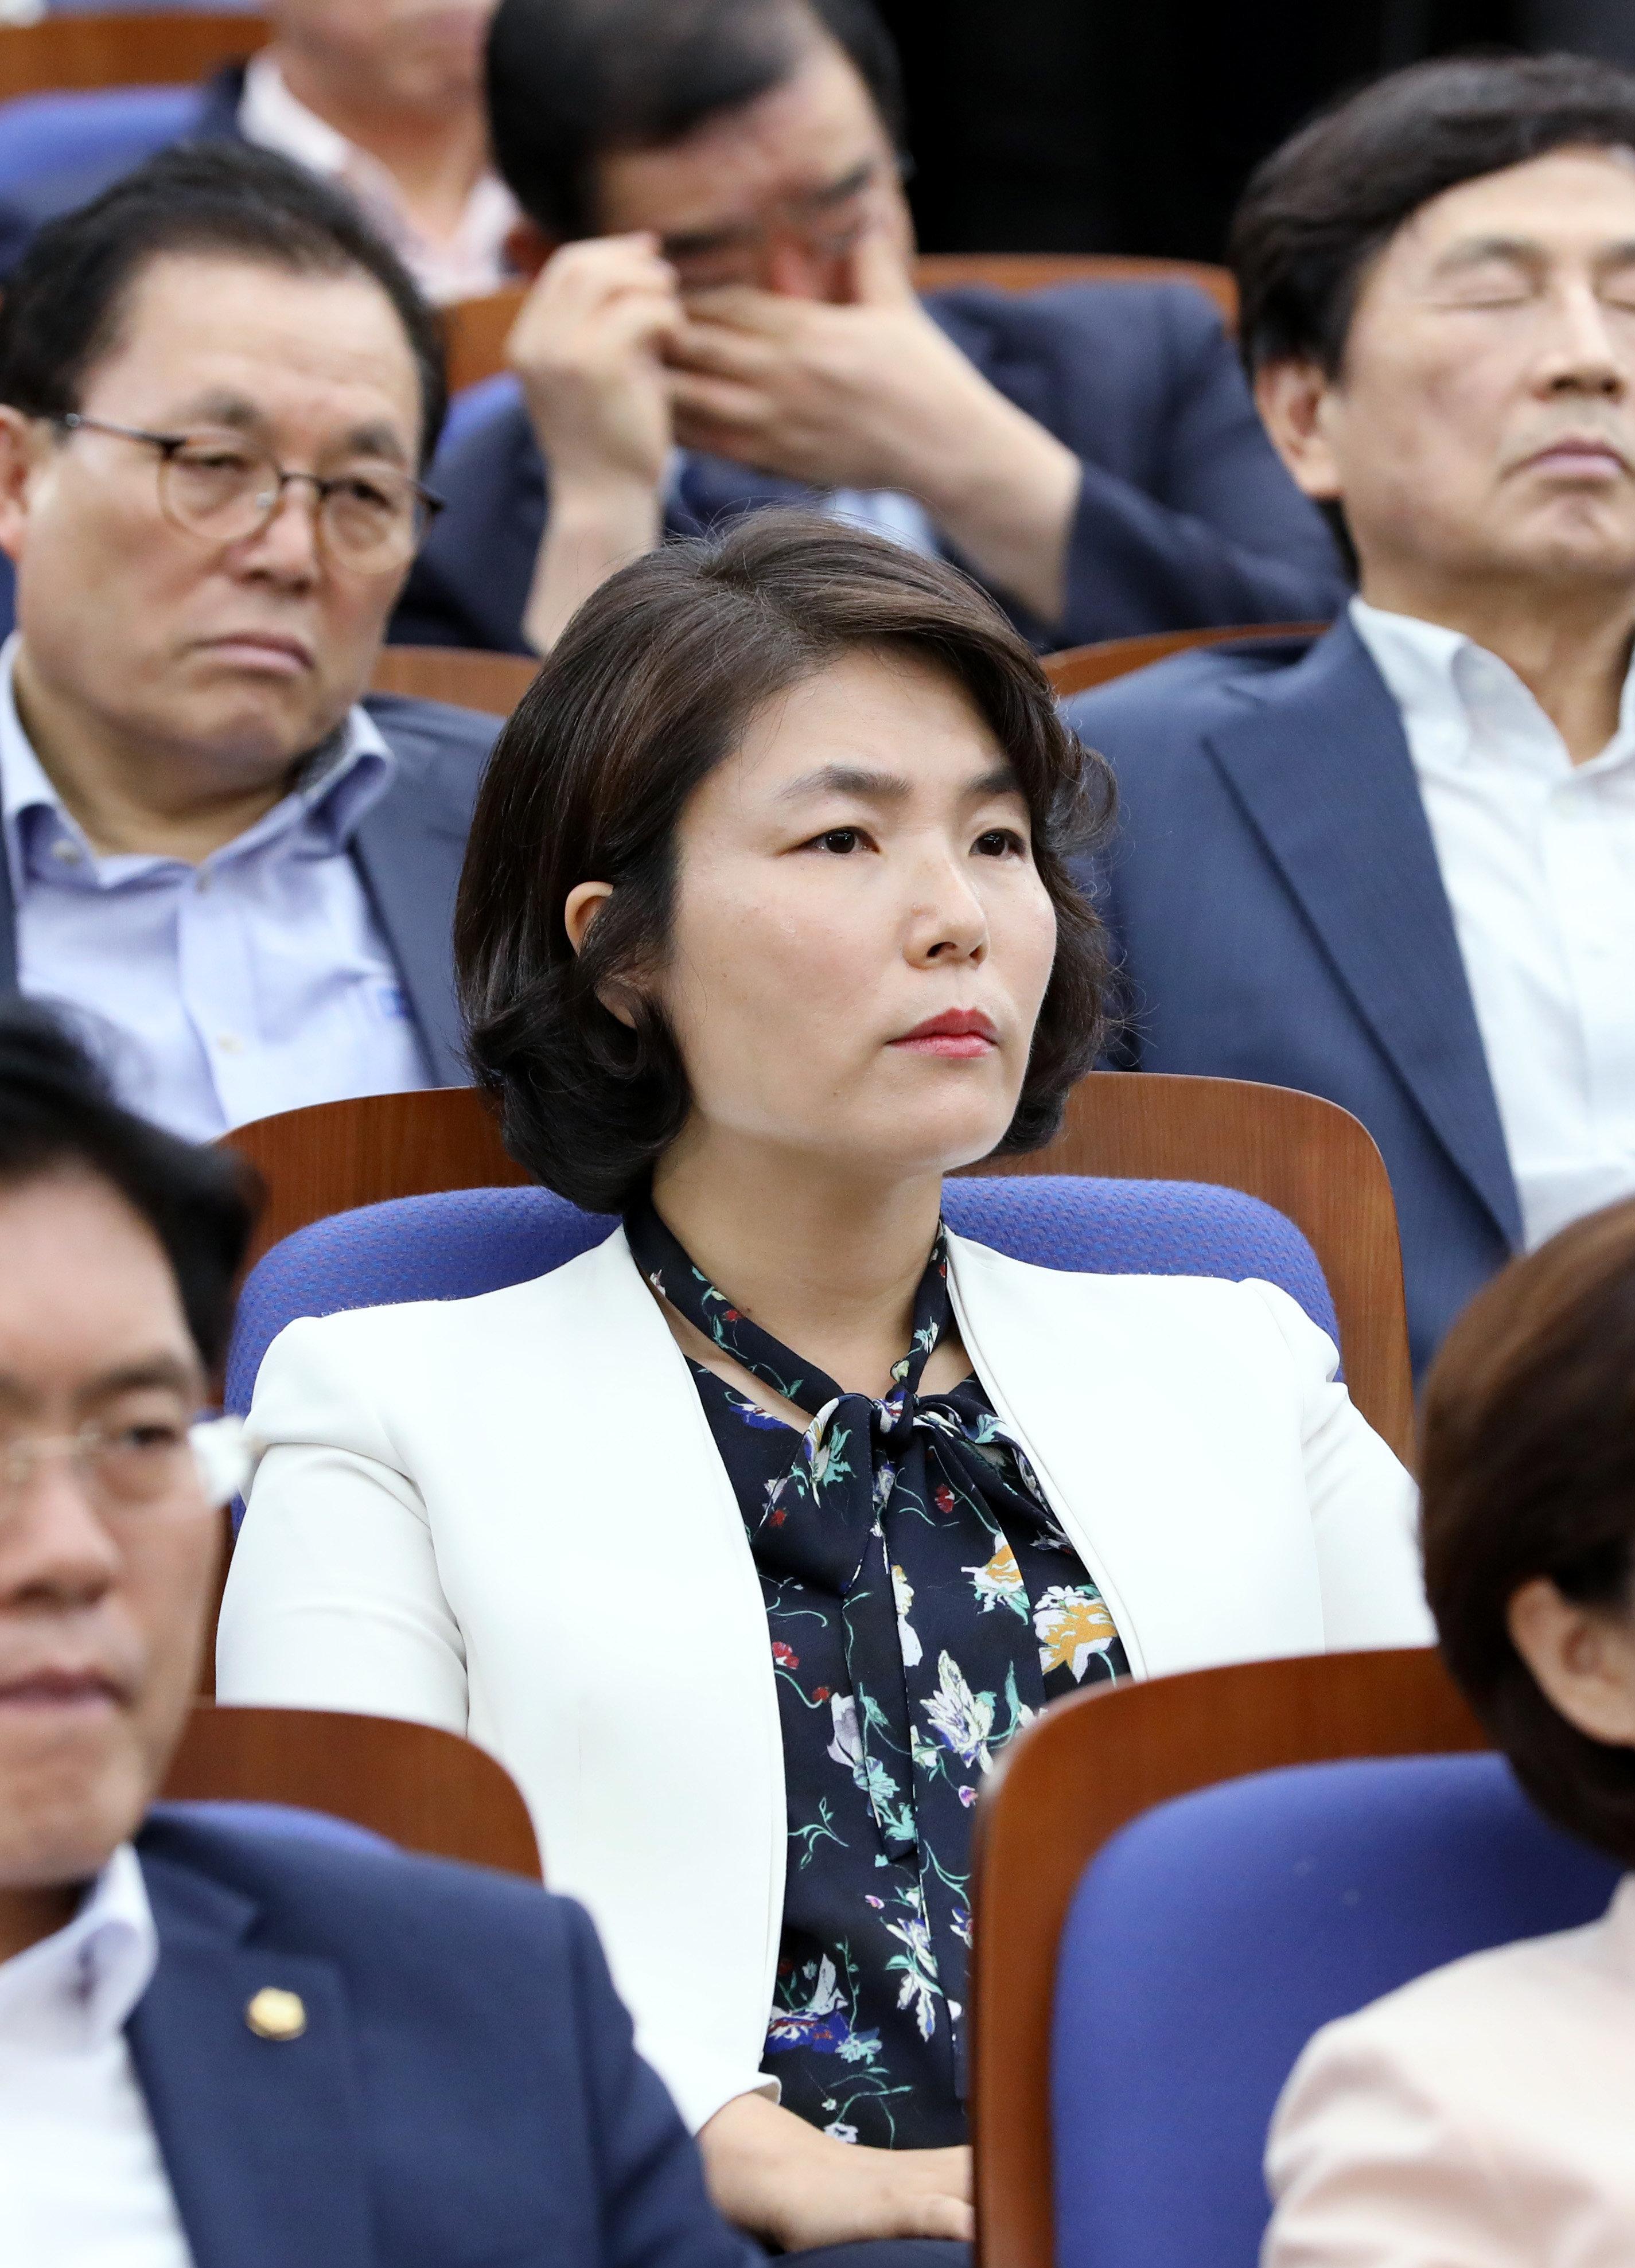 한국당 비대위원장 후보 중 박근혜 탄핵 반대를 외쳤던 인물이 있다